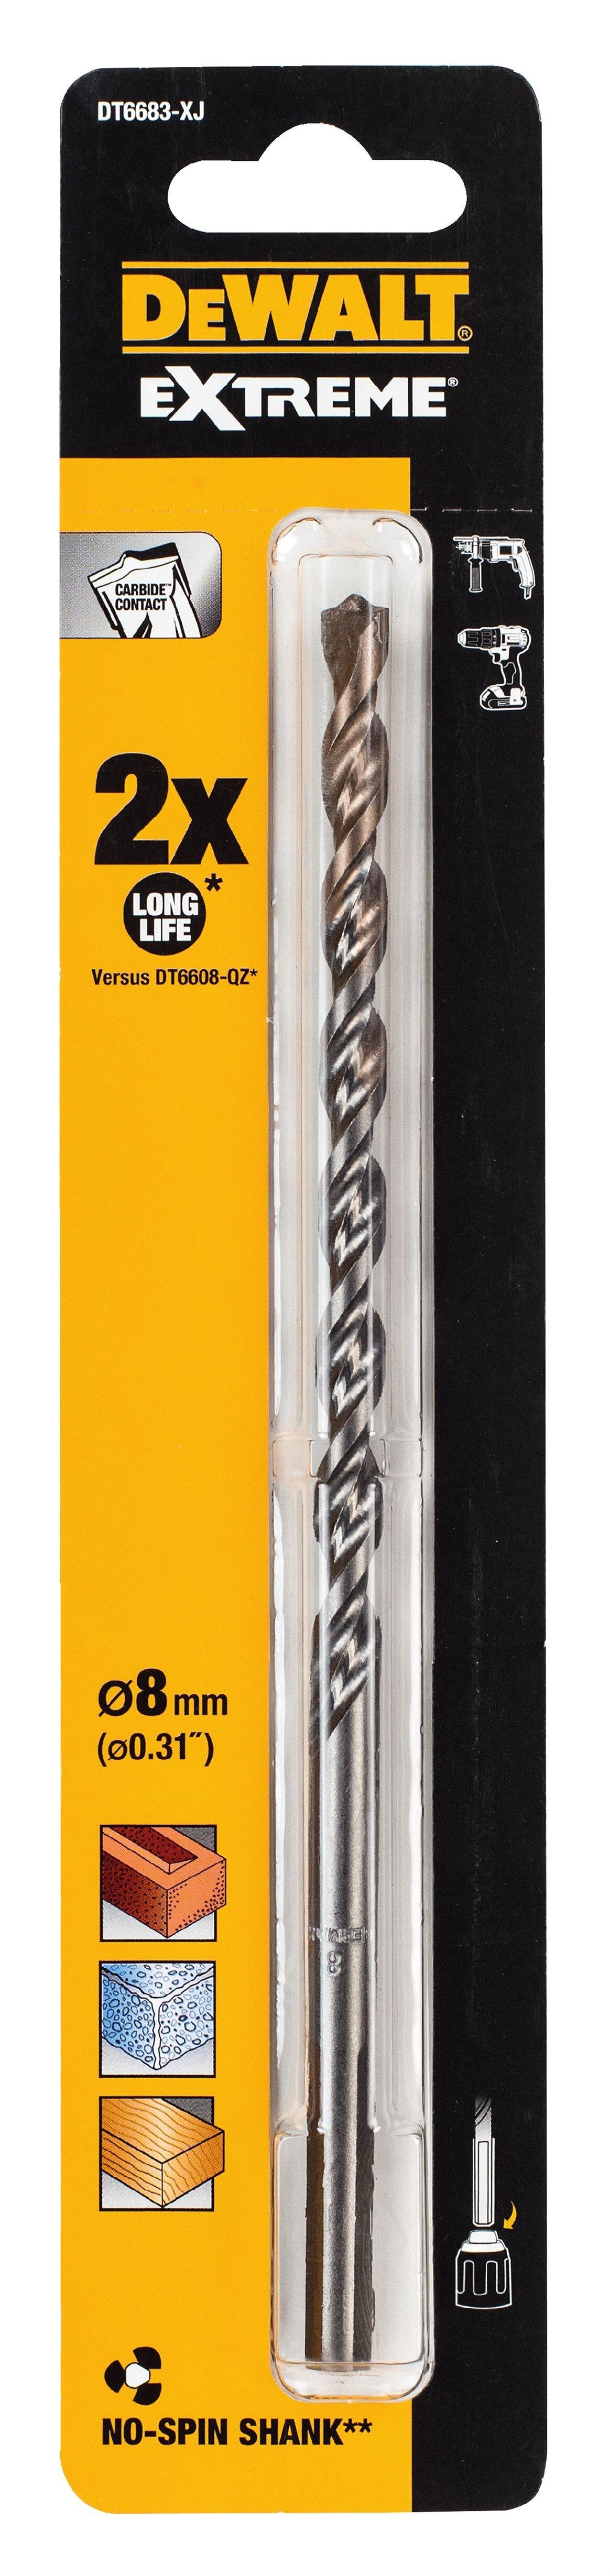 Сверло DEWALT EXTREME DT6683, по бетону и камню с 3 гранным хвостовиком 8 x 200 мм